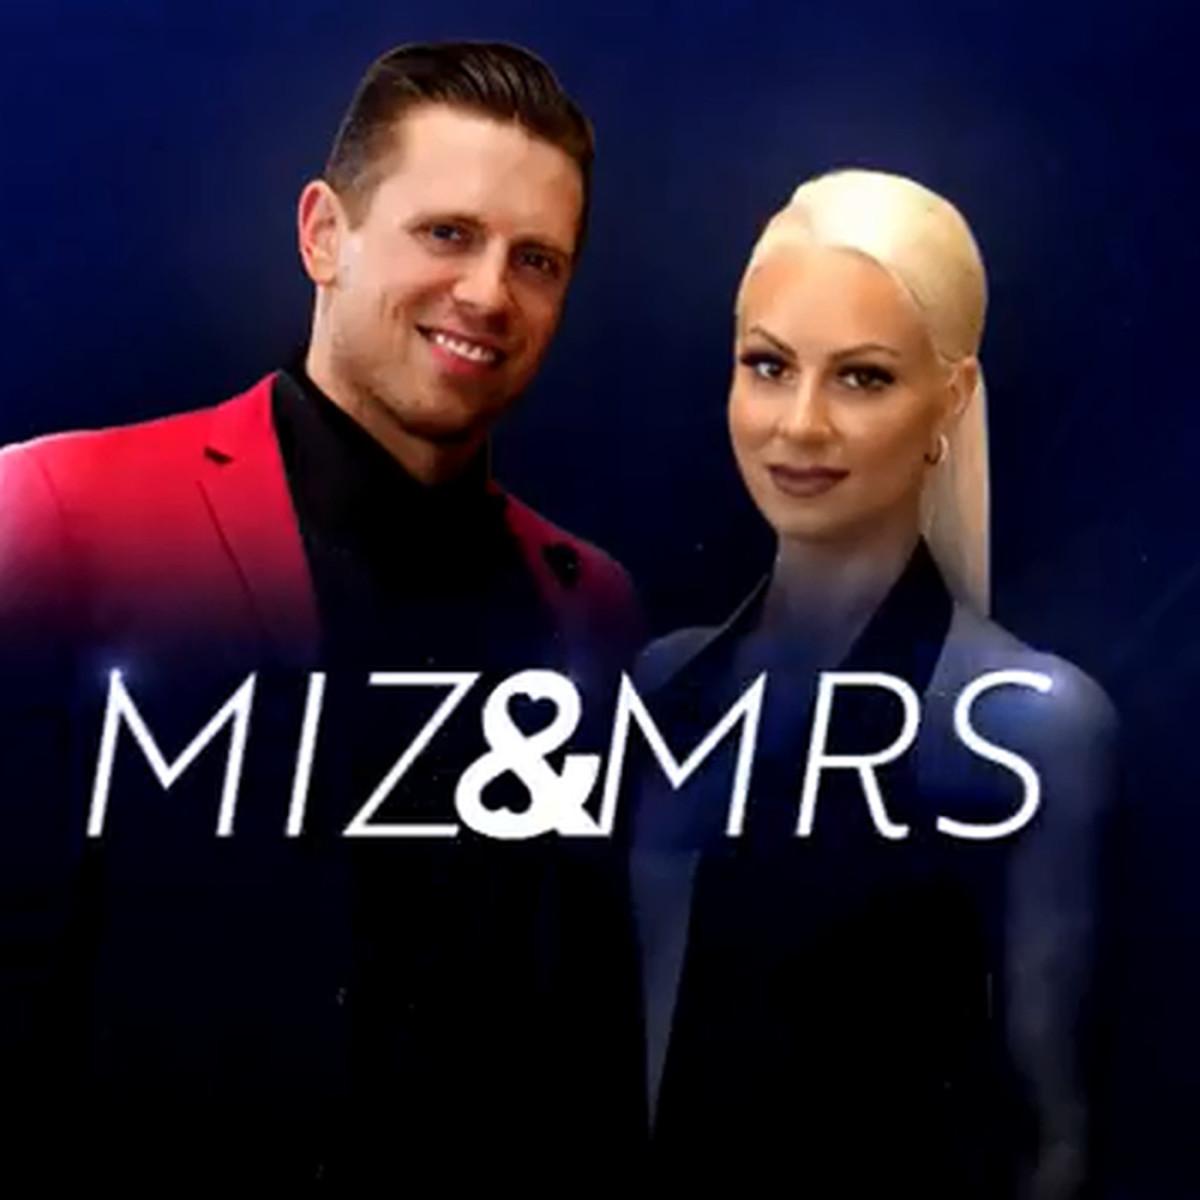 MizandMrs